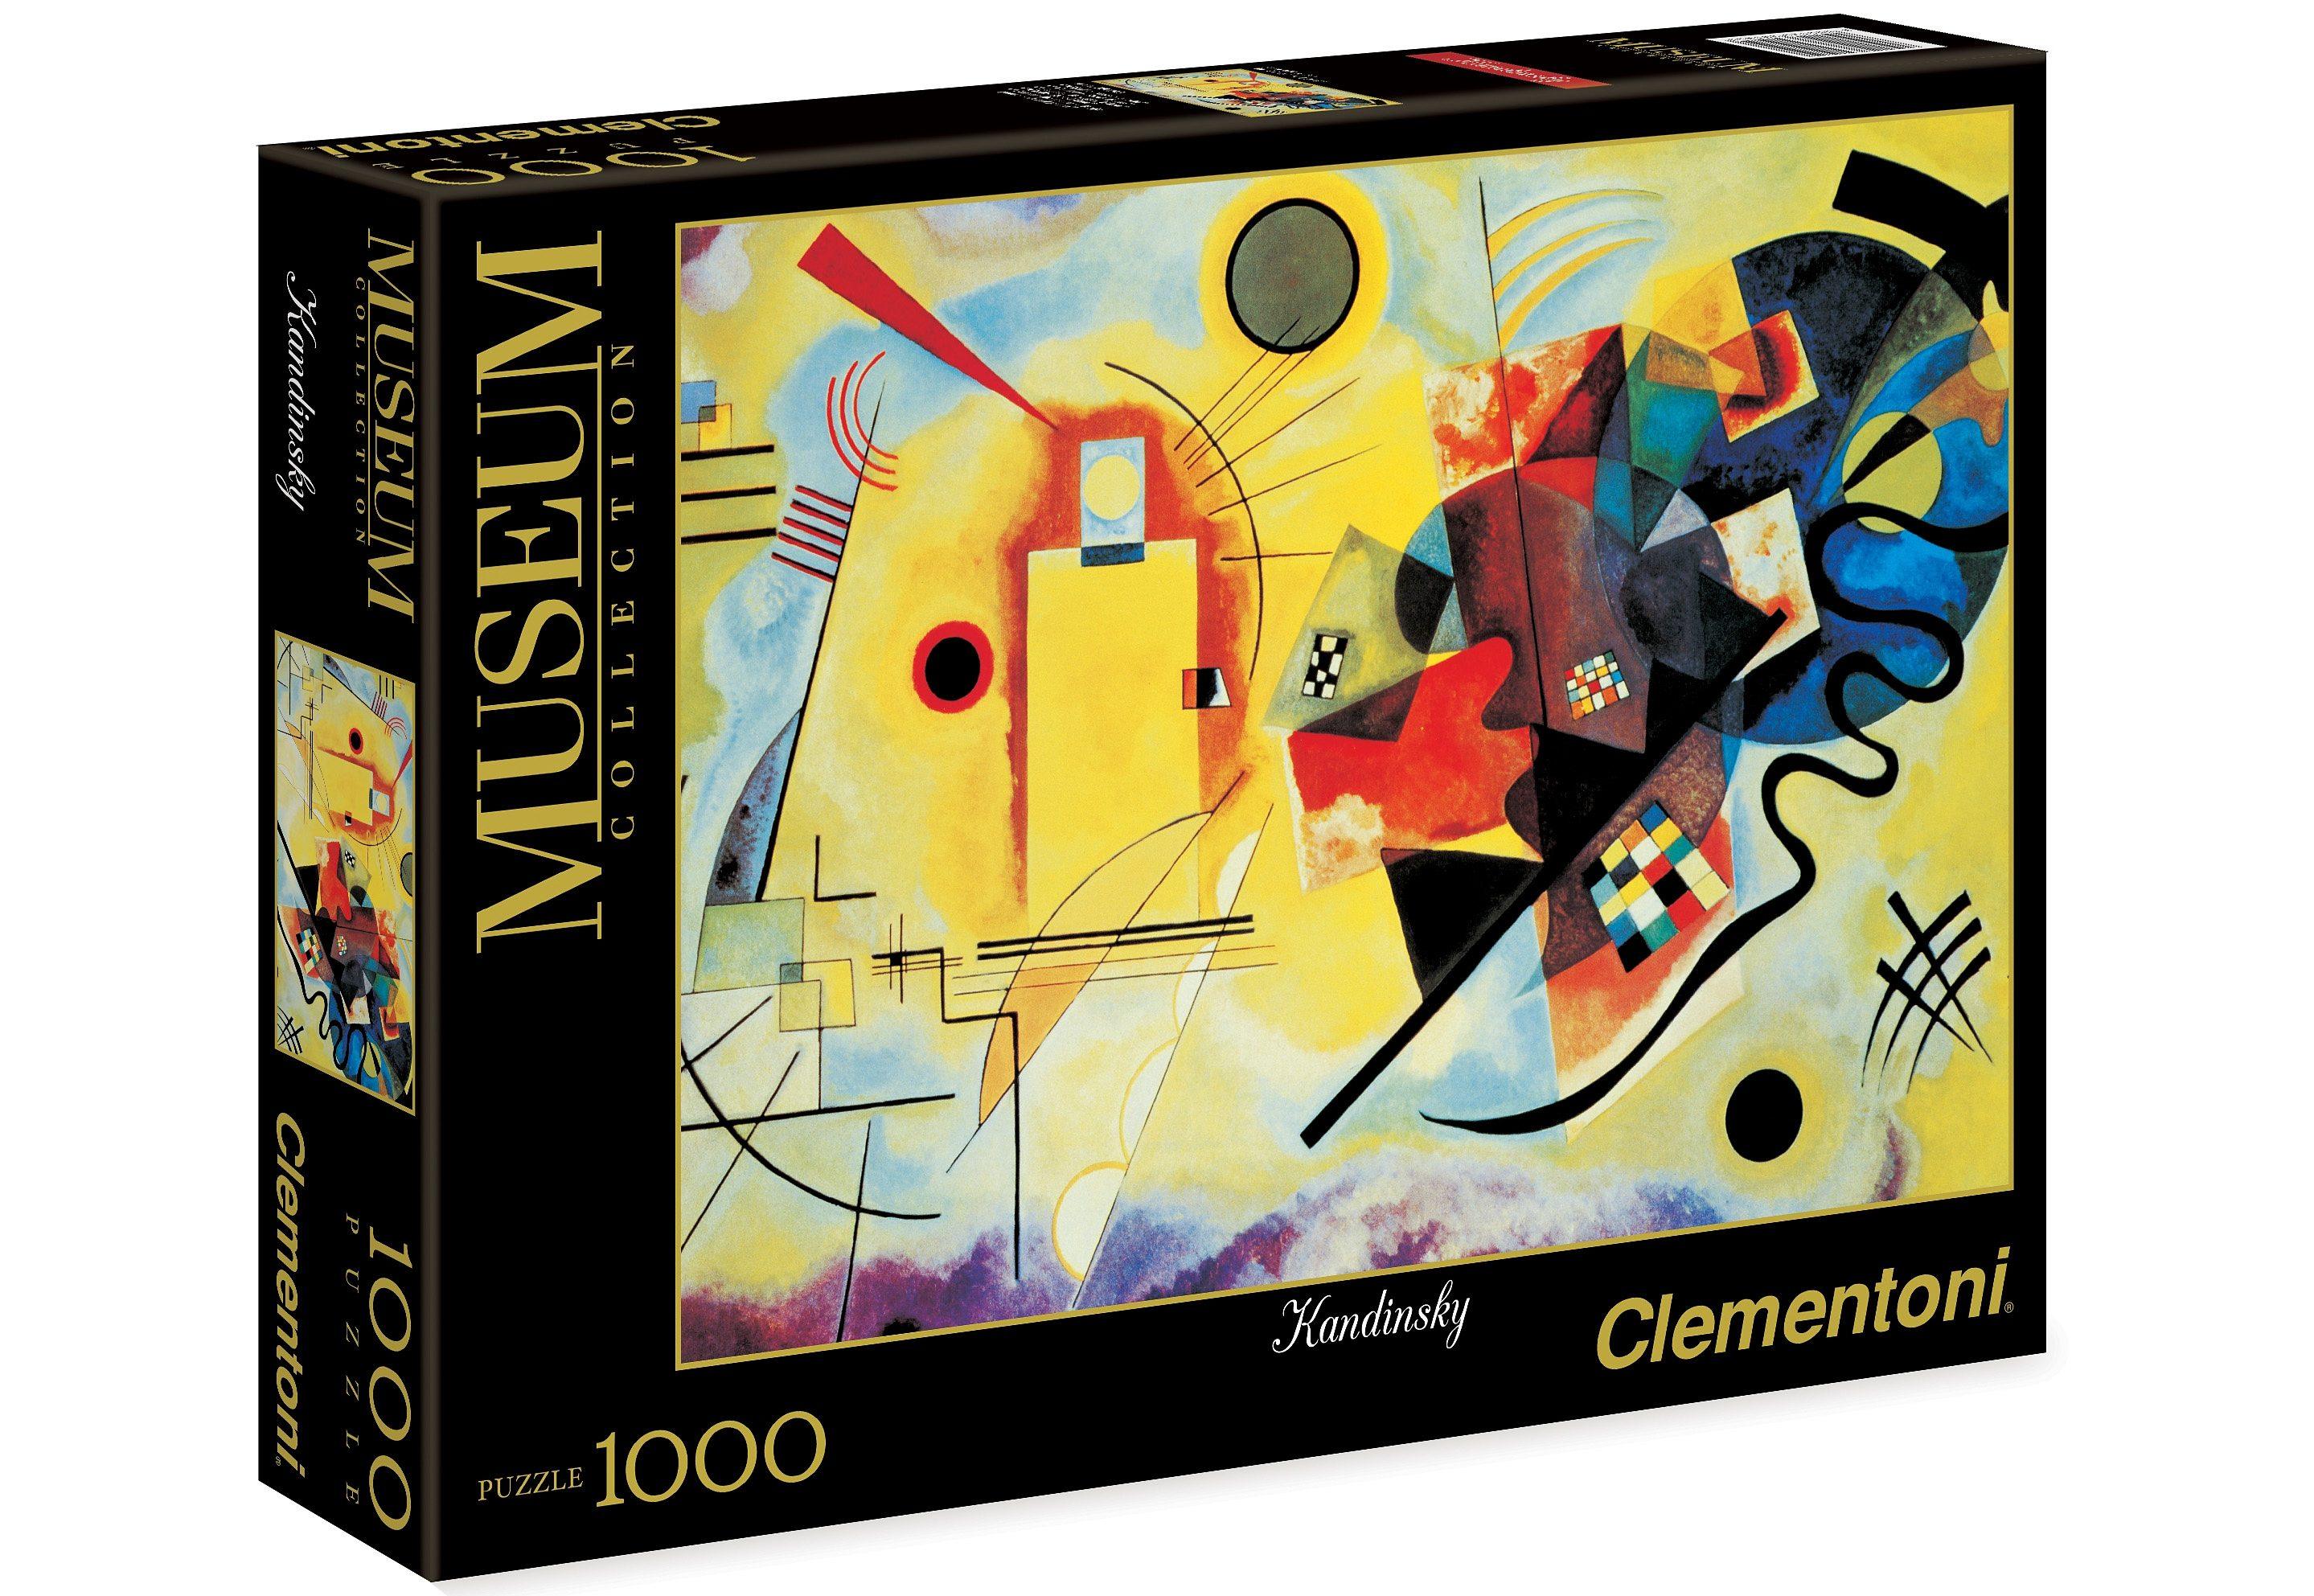 Clementoni Puzzle, 1000 Teile, »Kandinsky - Gelb-Rot-Blau«